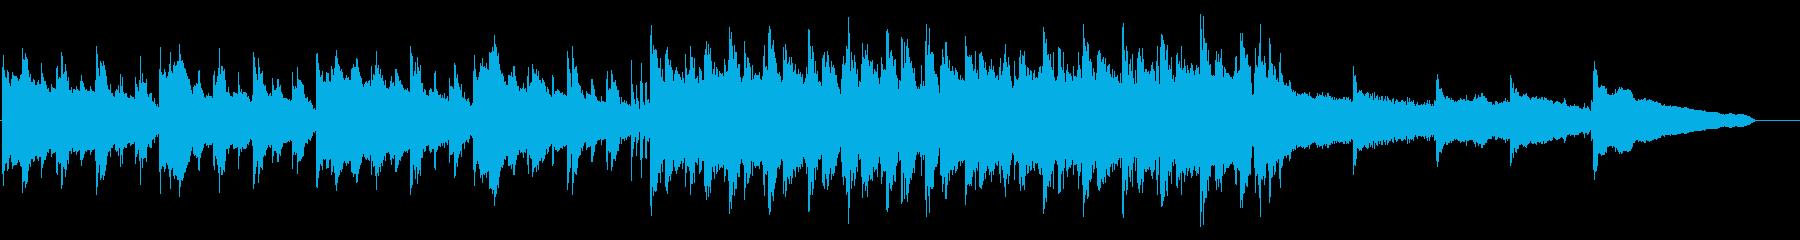 哀愁漂うハードボイルド・エレキギターメロの再生済みの波形